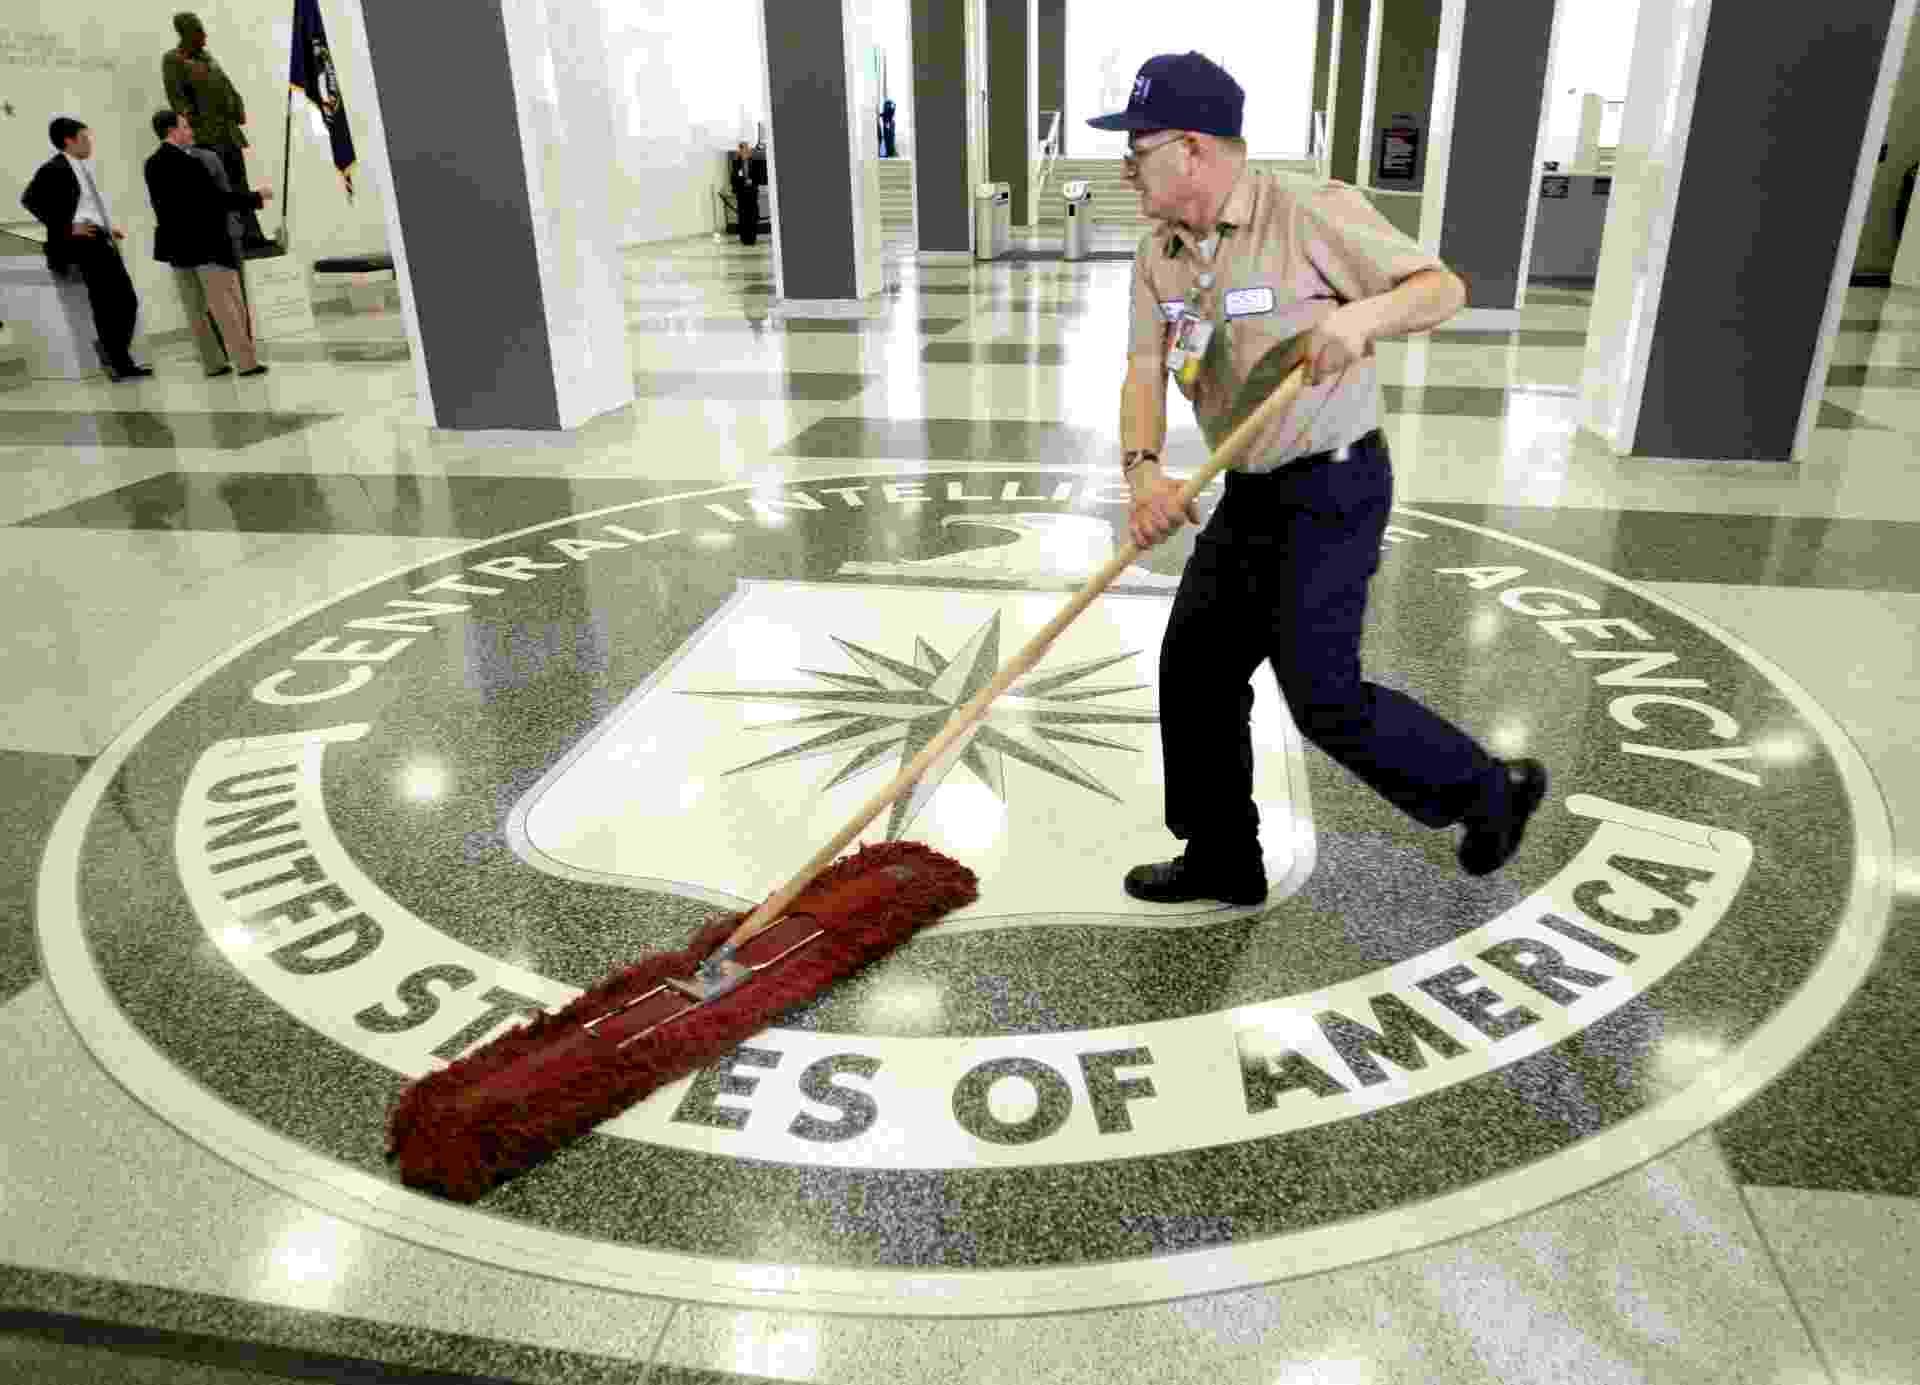 5.nov.2013 - Faxineiro limpa logo da CIA no hall de entrada da agência de inteligência em Langley, na Vírginia - Reuters